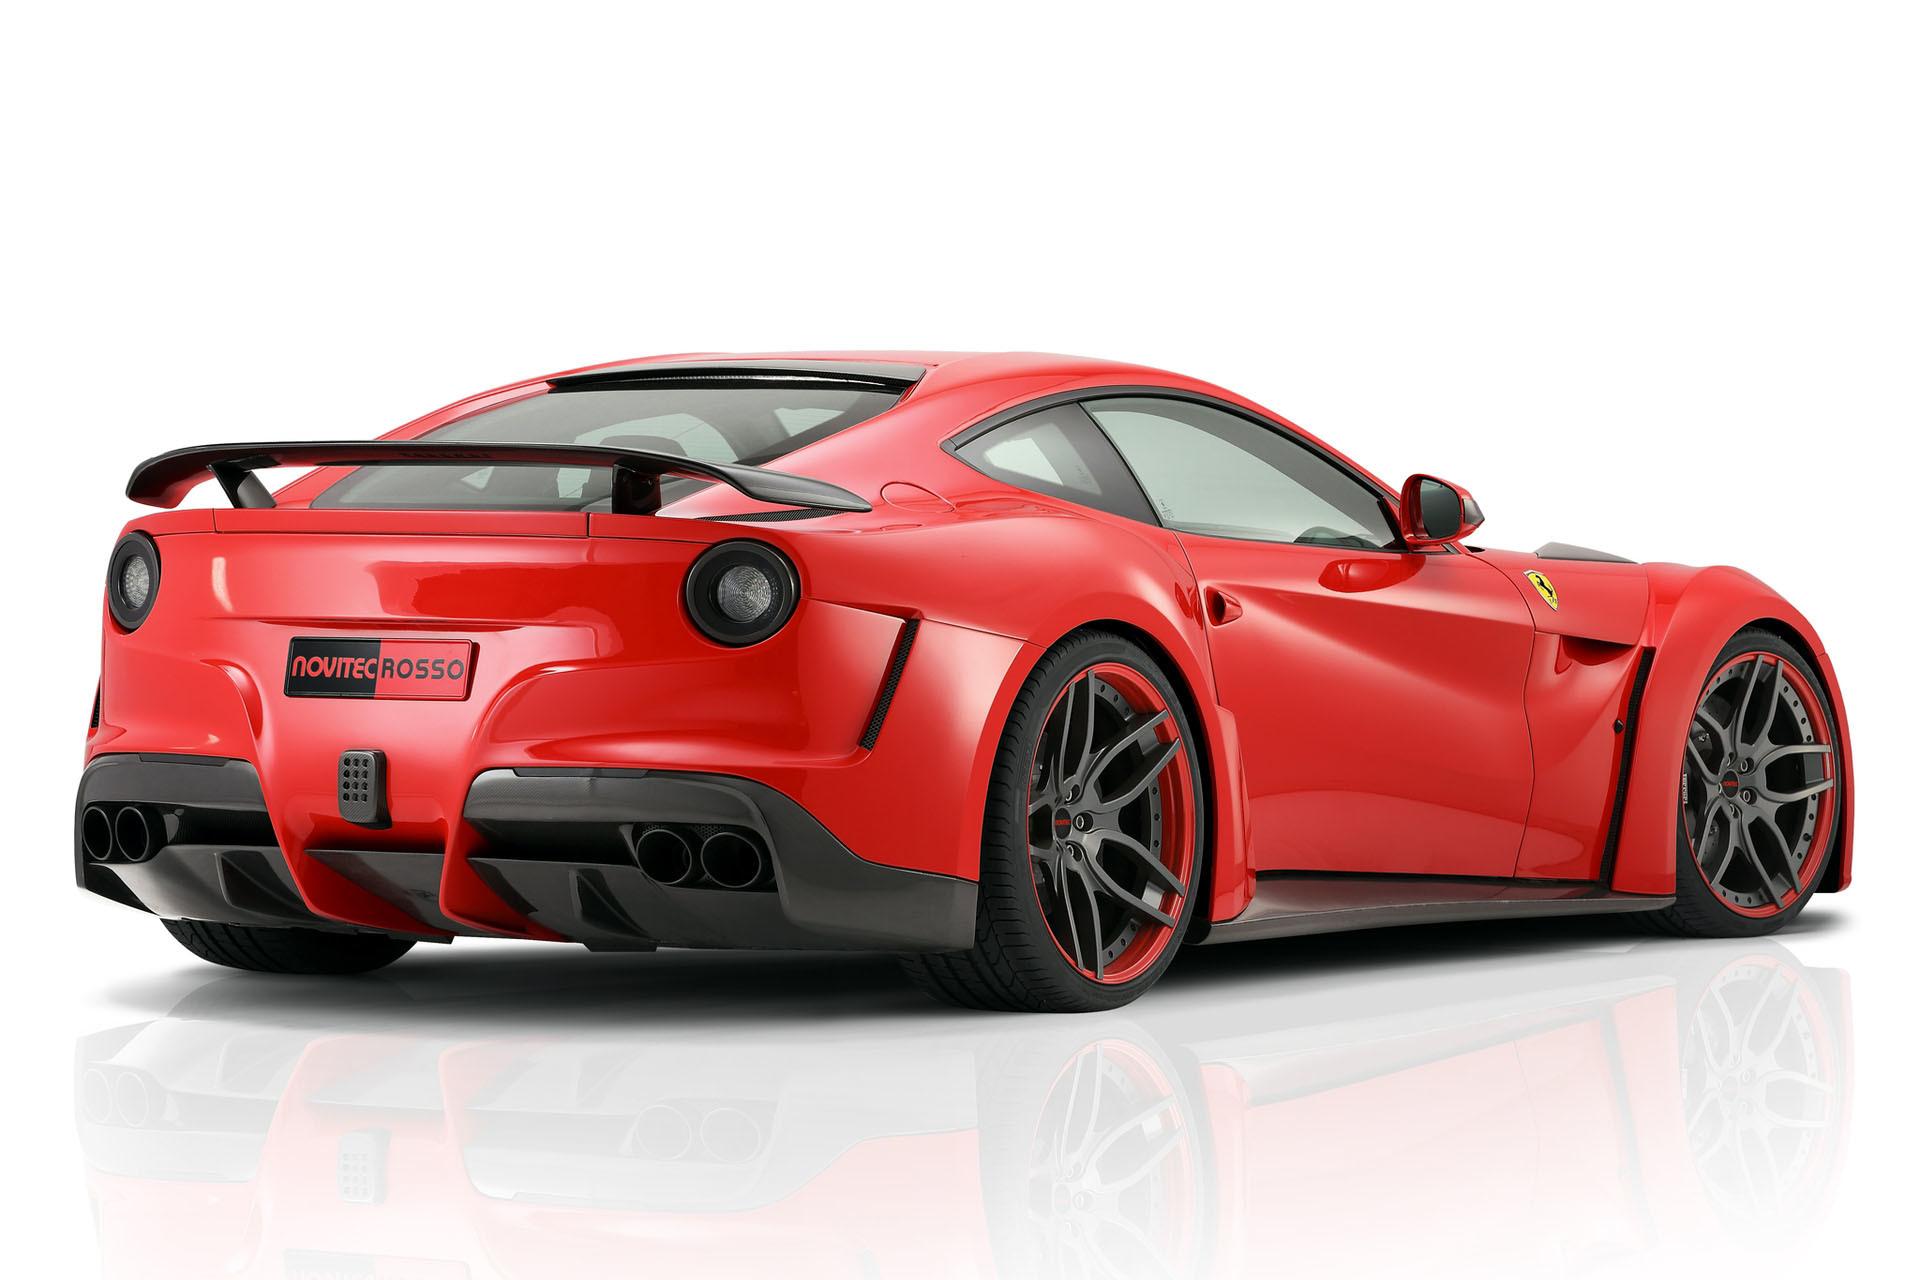 Карбоновая рамка противотуманки заднего бампера Novitec Style для Ferrari F12 Вerlinetta